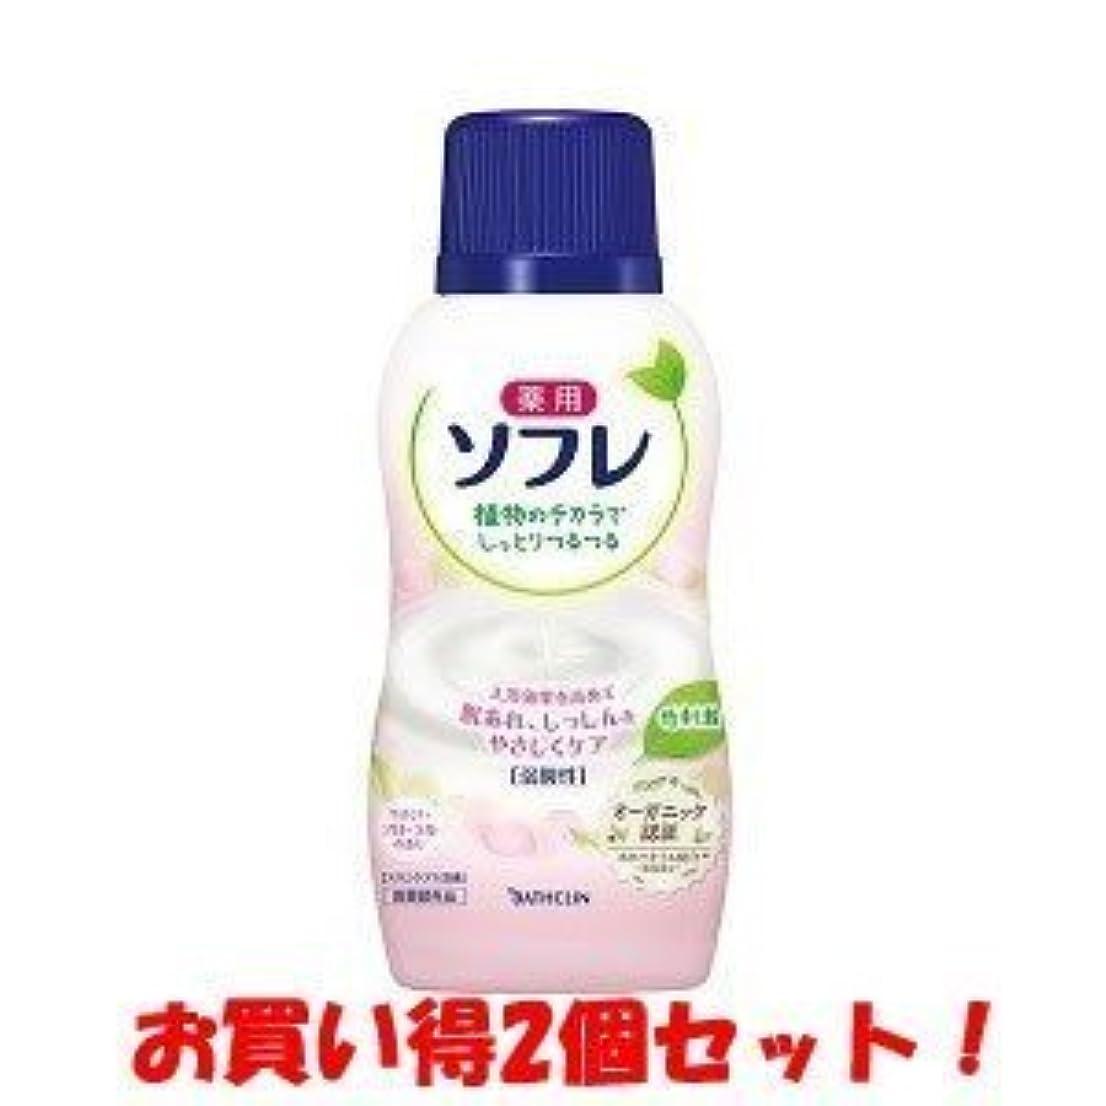 製油所セクタ賠償(バスクリン)薬用ソフレ スキンケア入浴液 やさしいフローラル香り 720ml(医薬部外品)(お買い得2個セット)